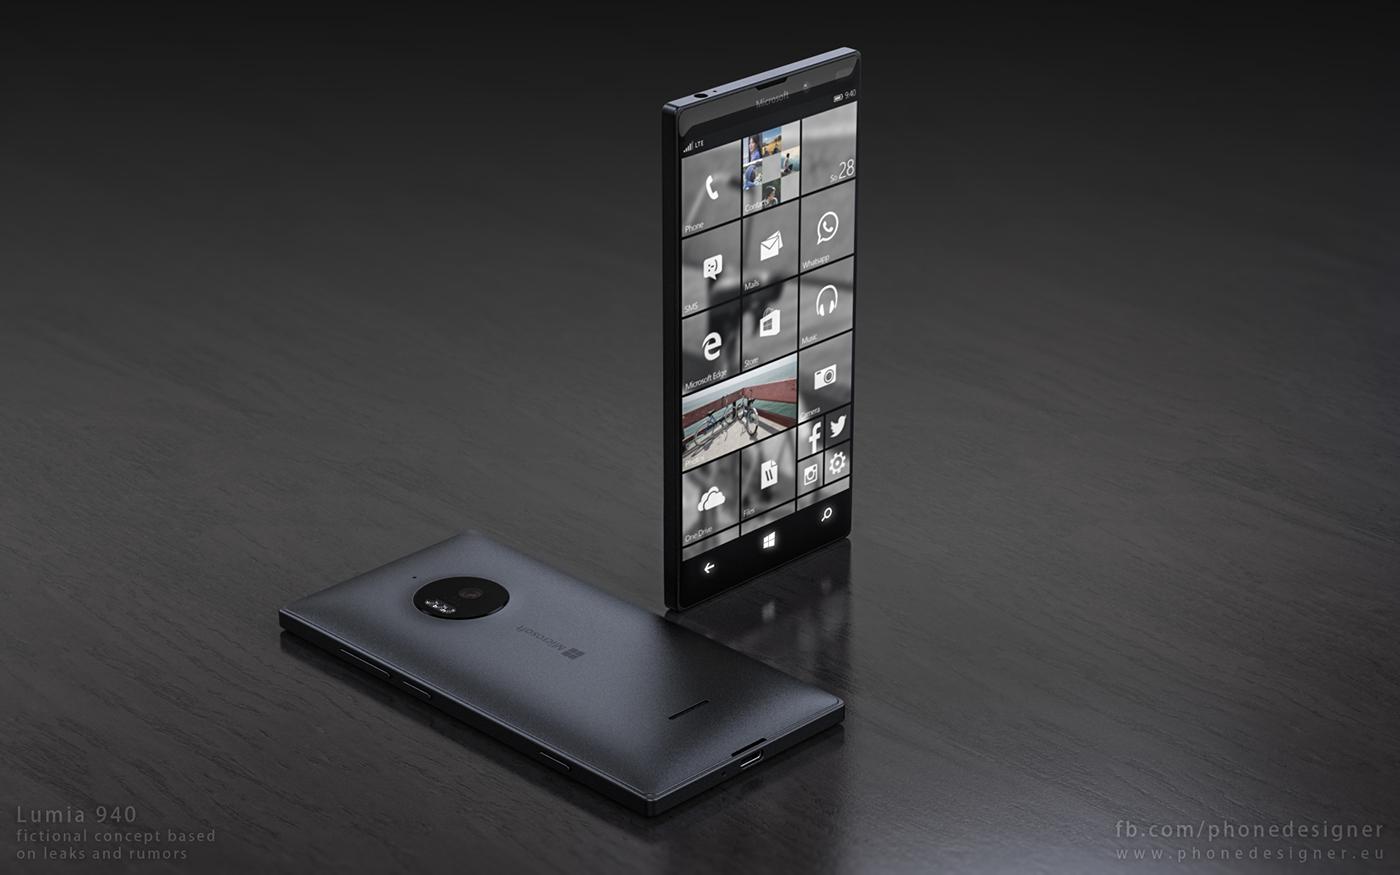 microsoft-lumia-940-concept-8